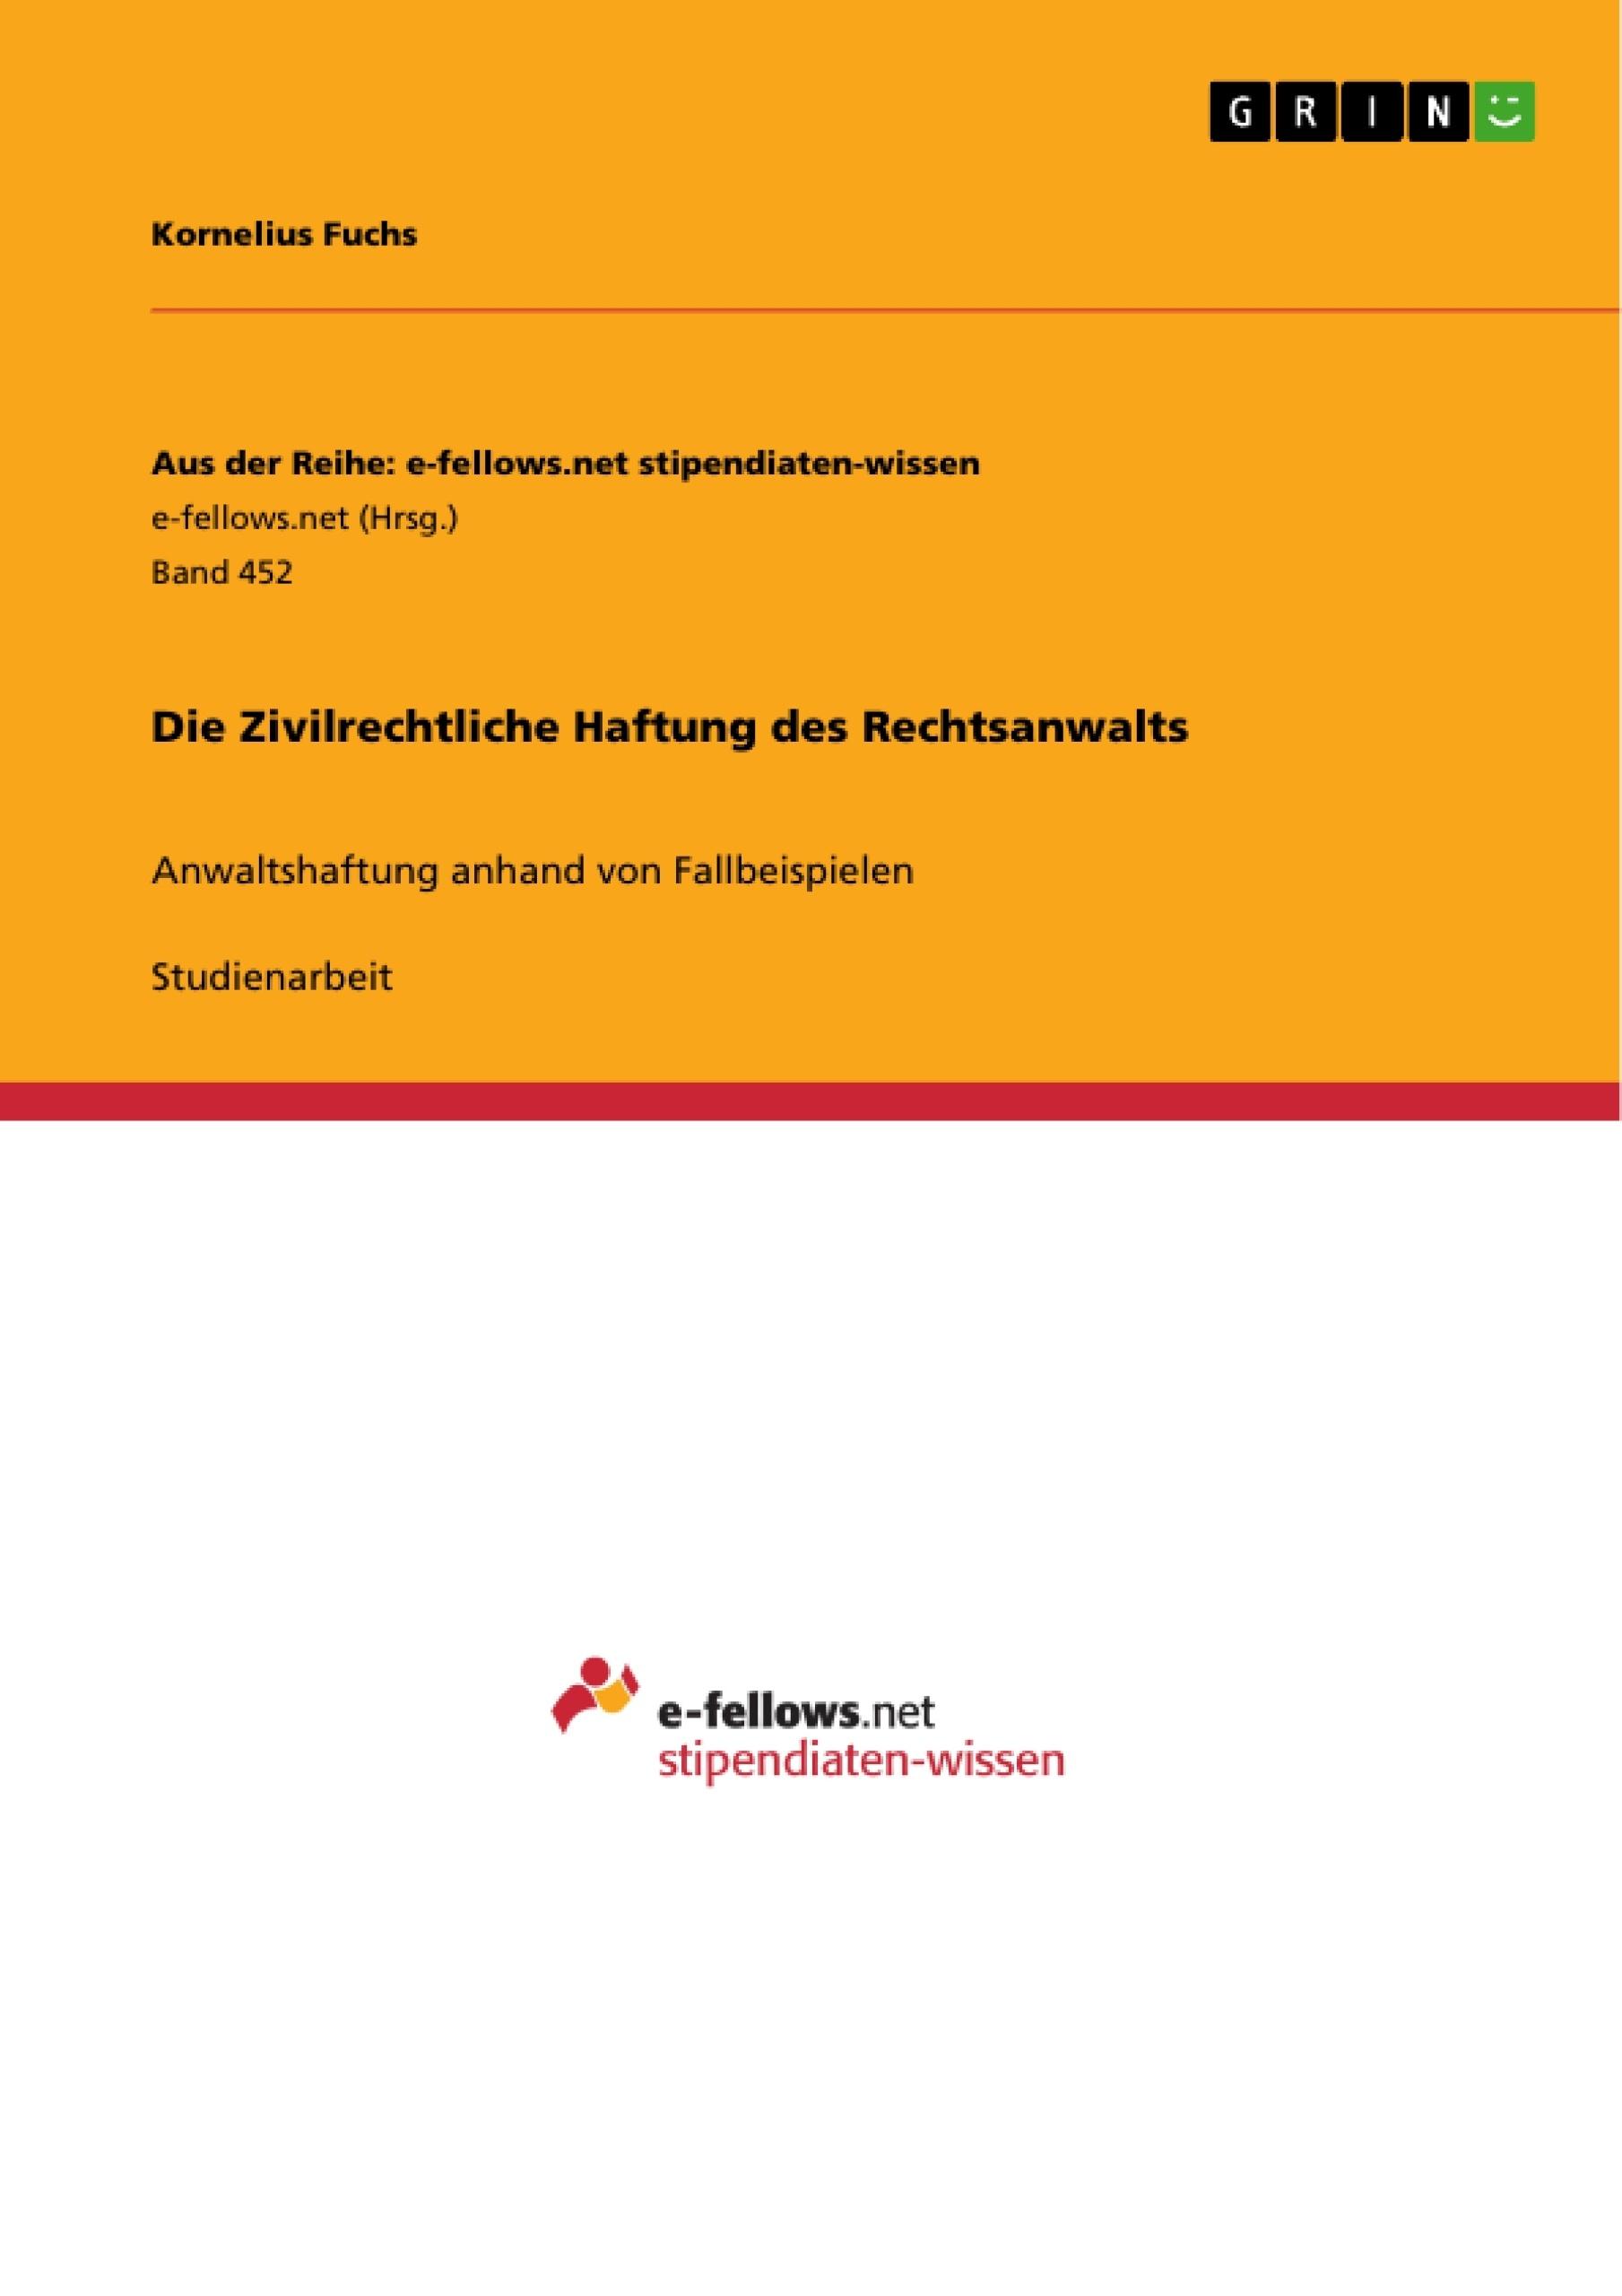 Titel: Die Zivilrechtliche Haftung des Rechtsanwalts